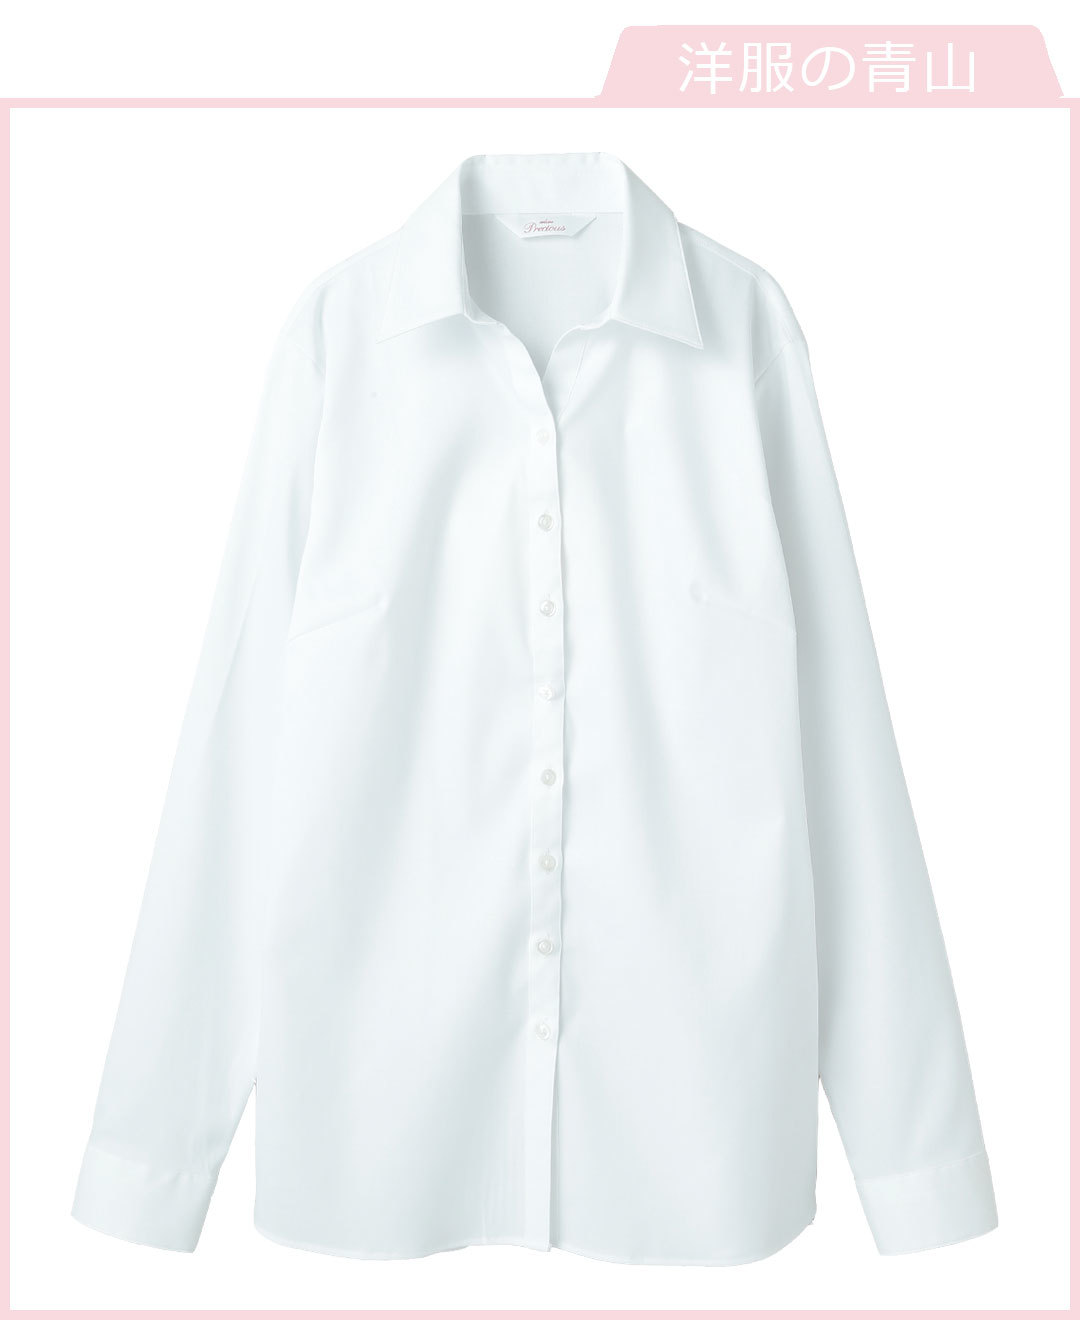 通勤にも使える!GUほか第一印象最高白シャツ5選★【就活ノンノ】_1_2-5